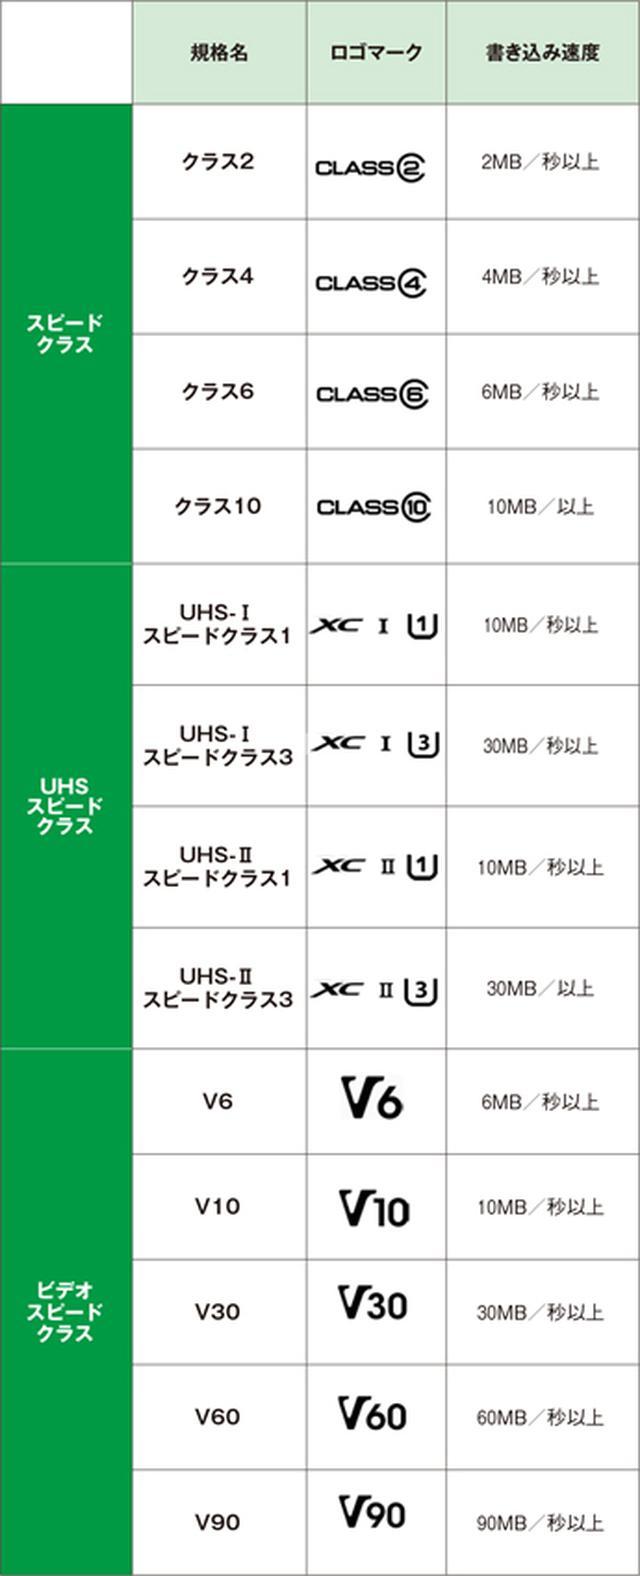 画像1: ・スピードクラス ・UHSスピードクラス ・ビデオスピードクラス